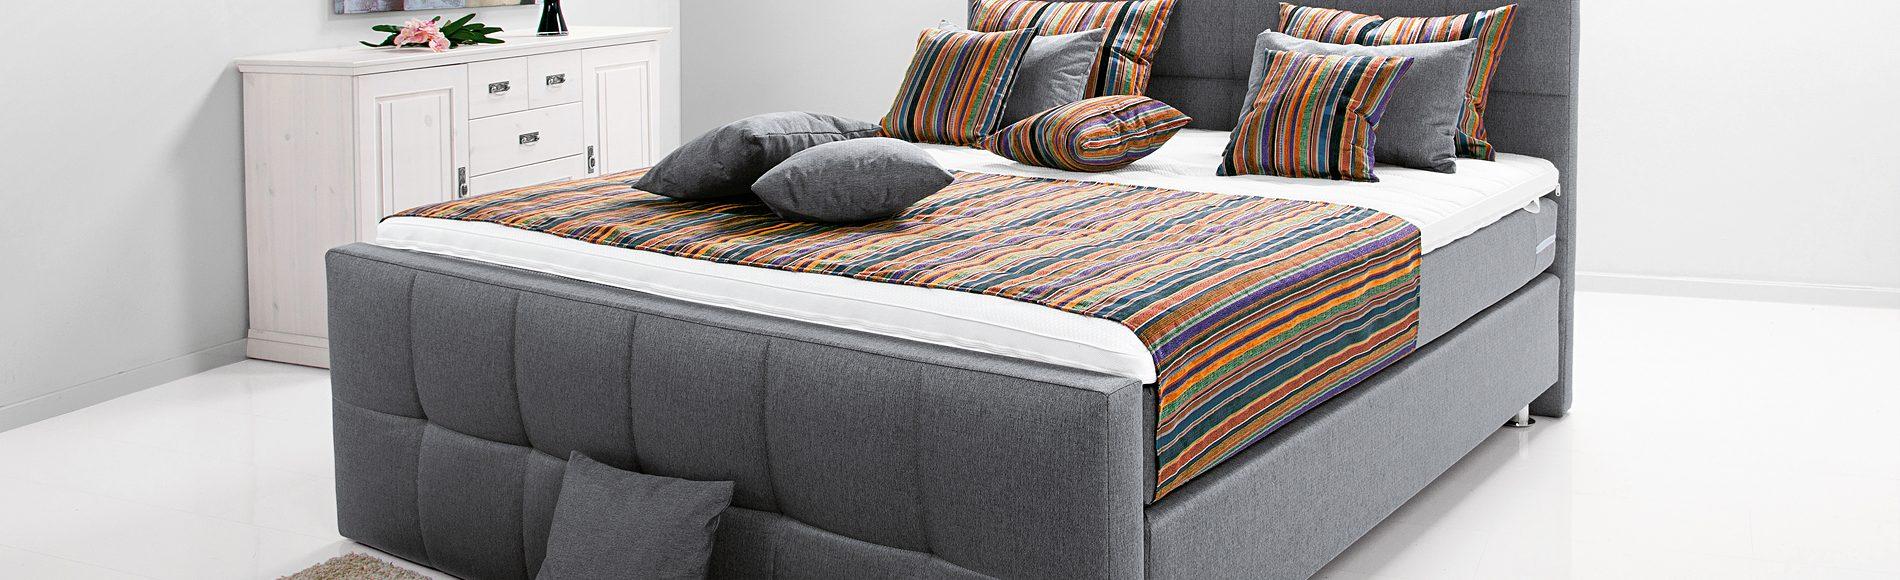 Full Size of Günstig Betten Kaufen Aus Holz Luxus Günstige Schlafzimmer Hasena Rauch 140x200 Amerikanische Küche Günstiges Sofa Musterring Bett Garten Loungemöbel Bett Günstig Betten Kaufen